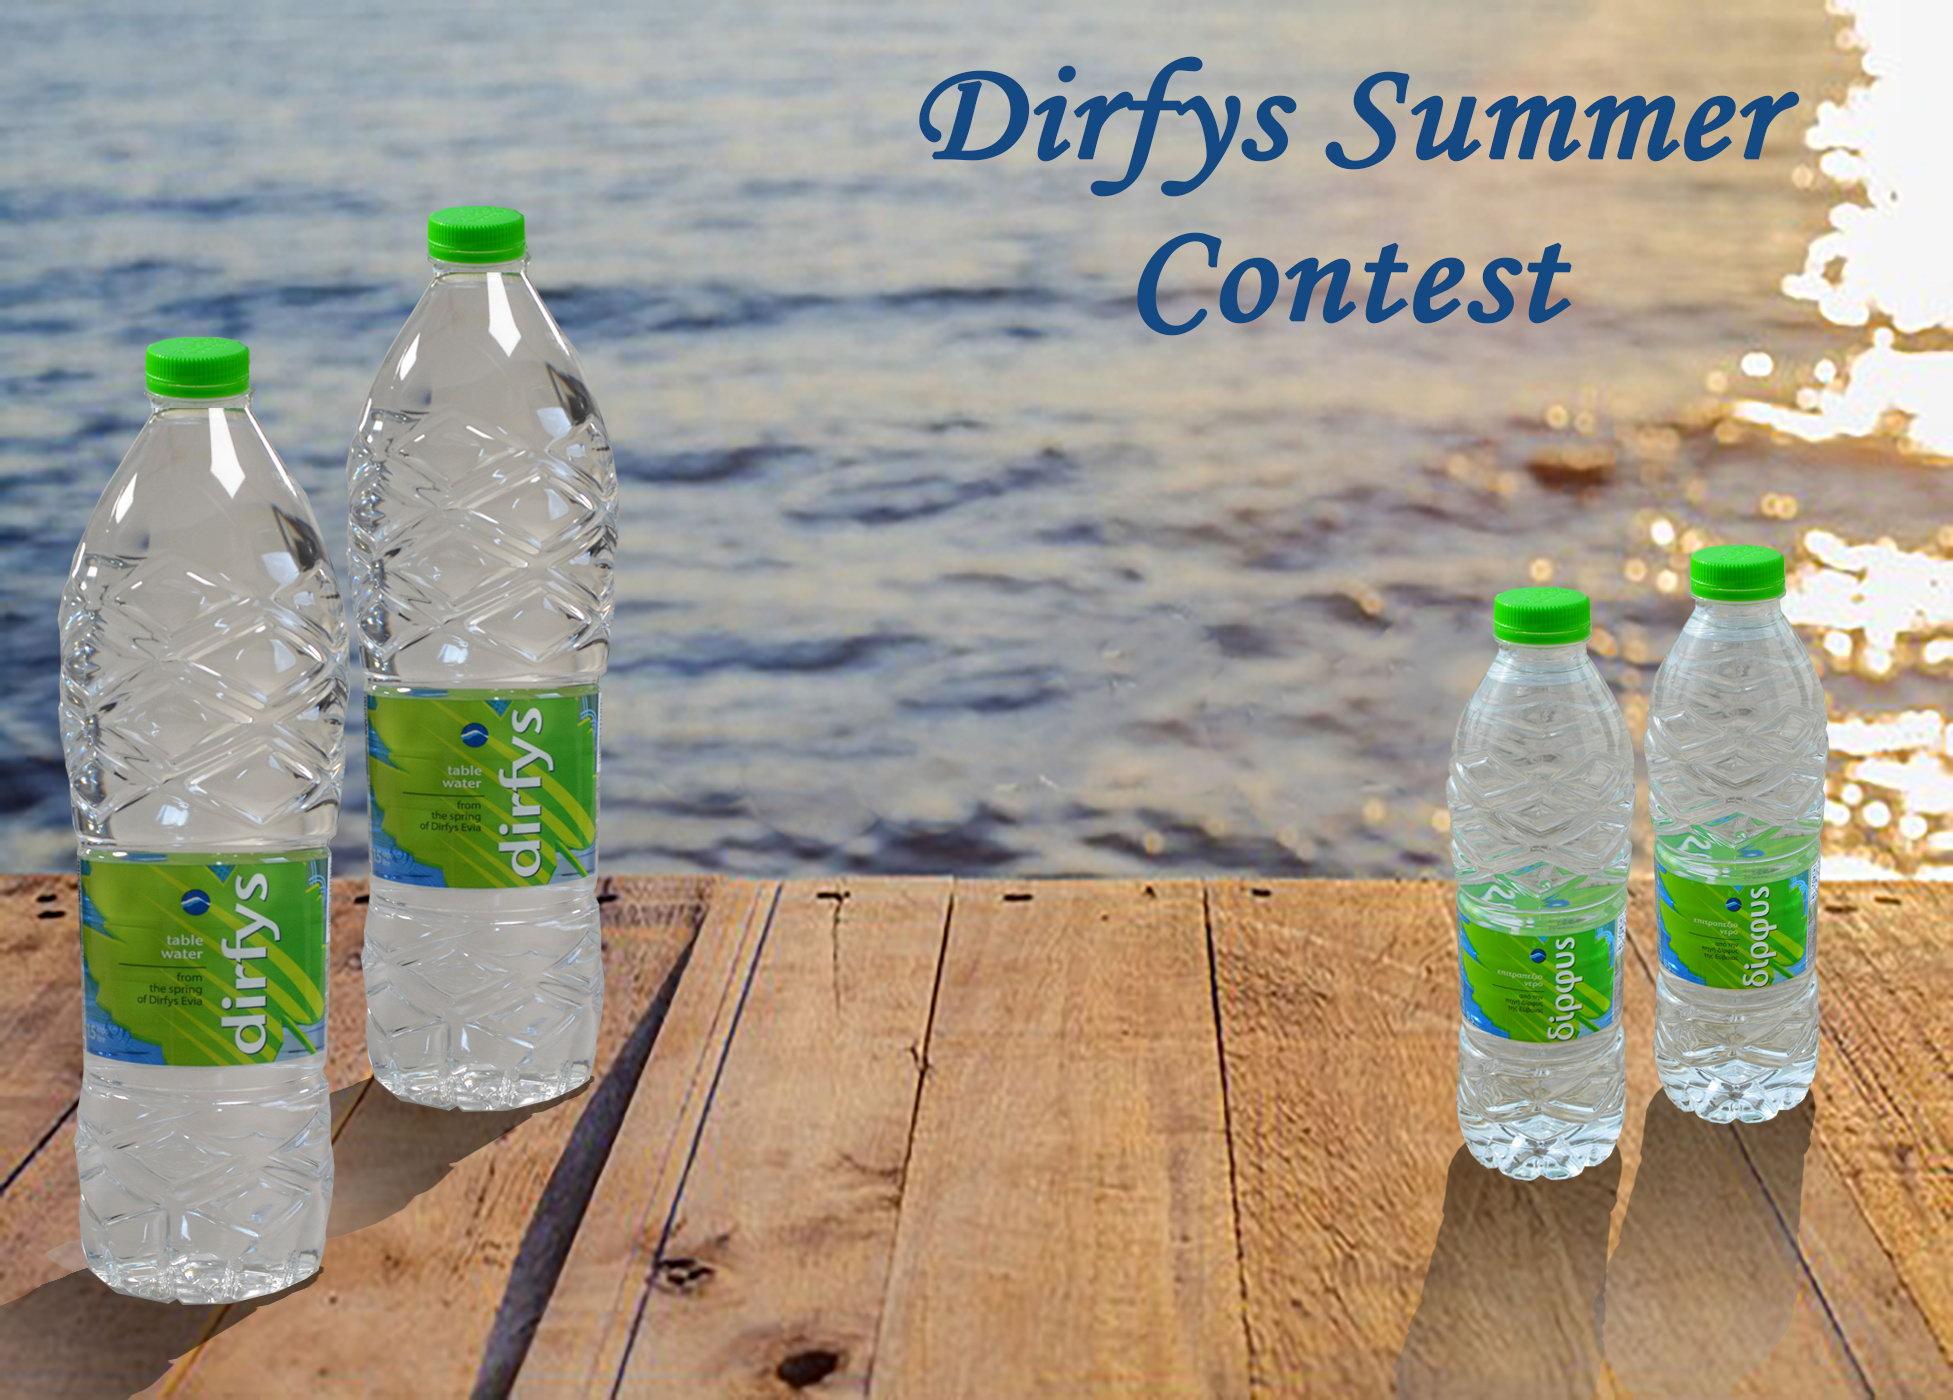 Σβήσε τη δίψα σου με τη δροσιά του νερού Δίρφυς!